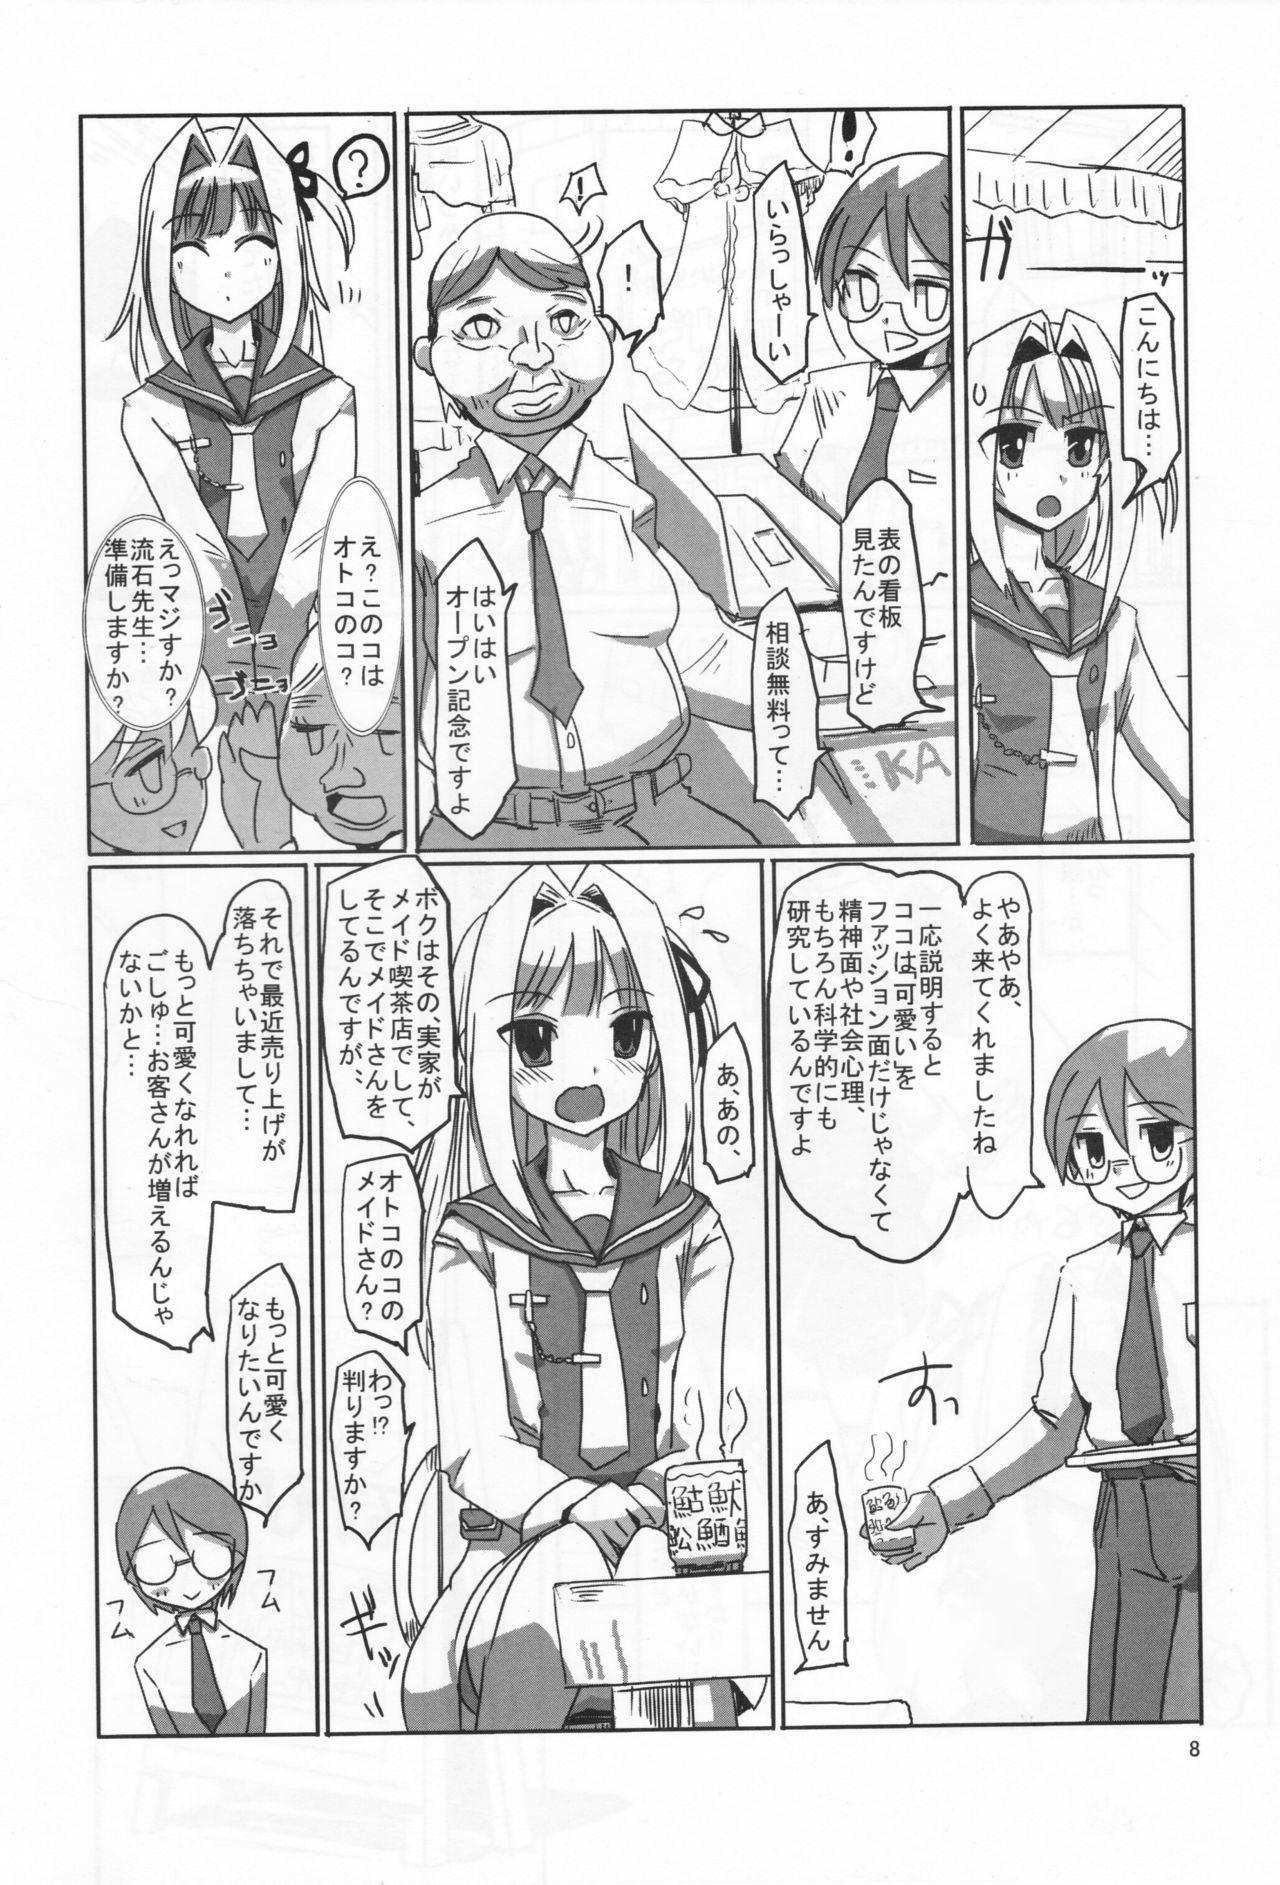 Sakurairo Shounen Sabou 8 6